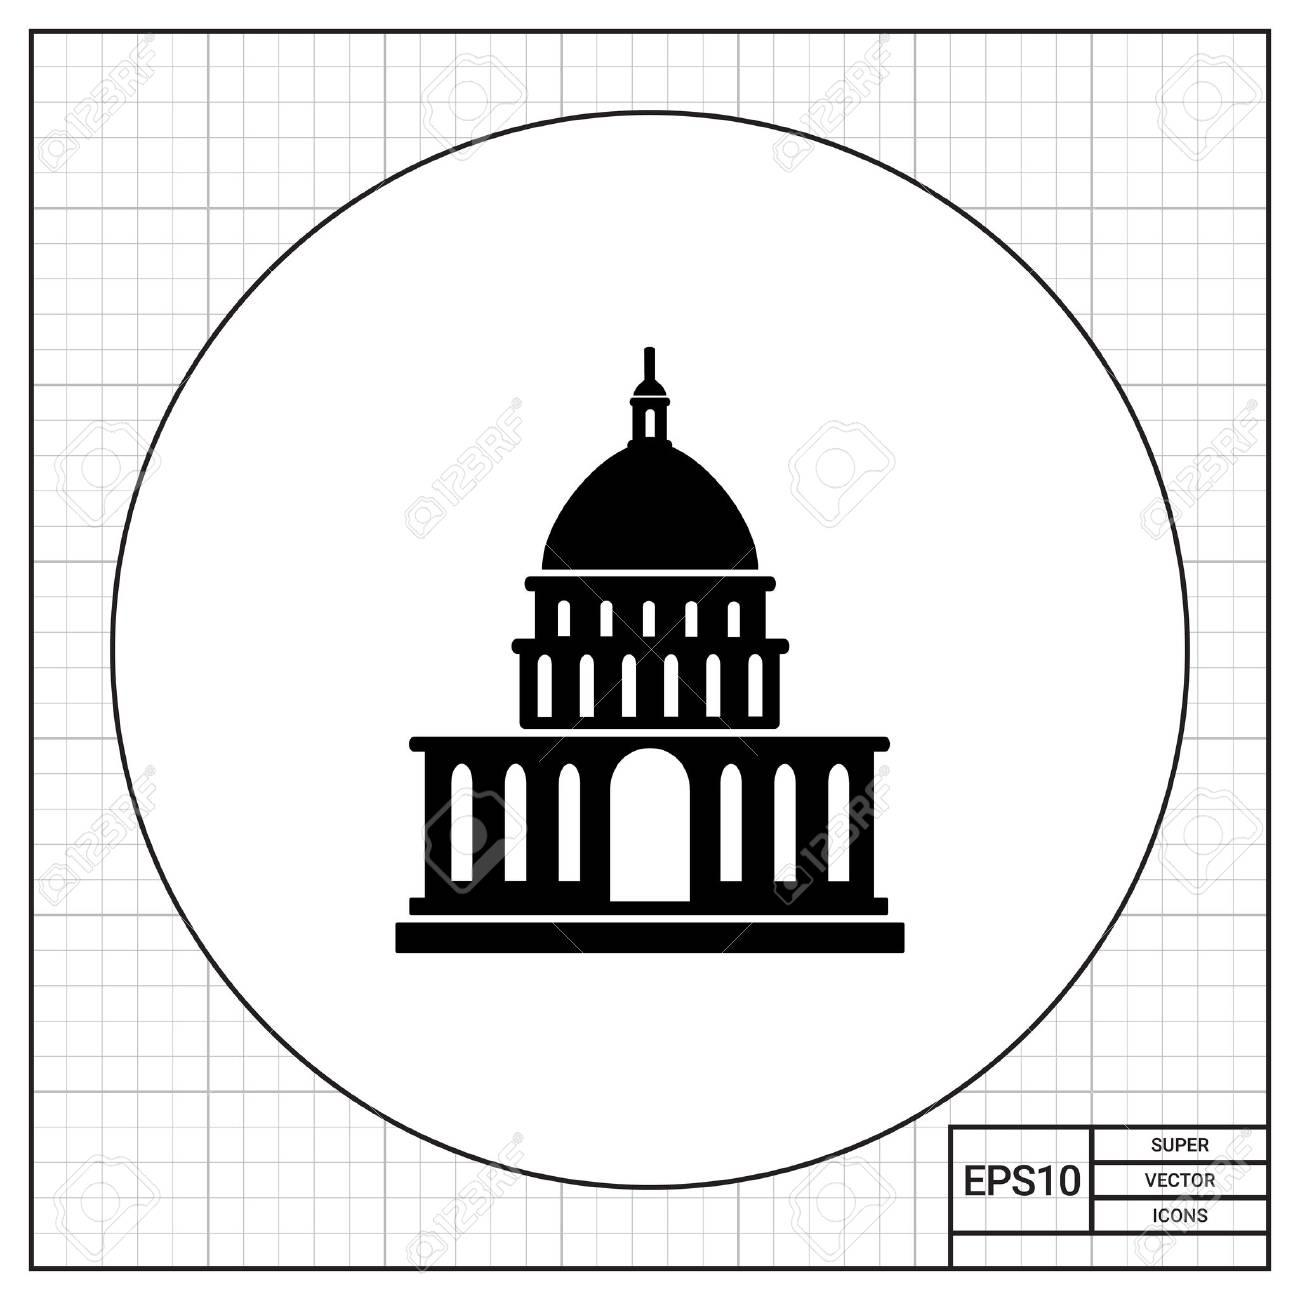 White House simple icon - 68460324